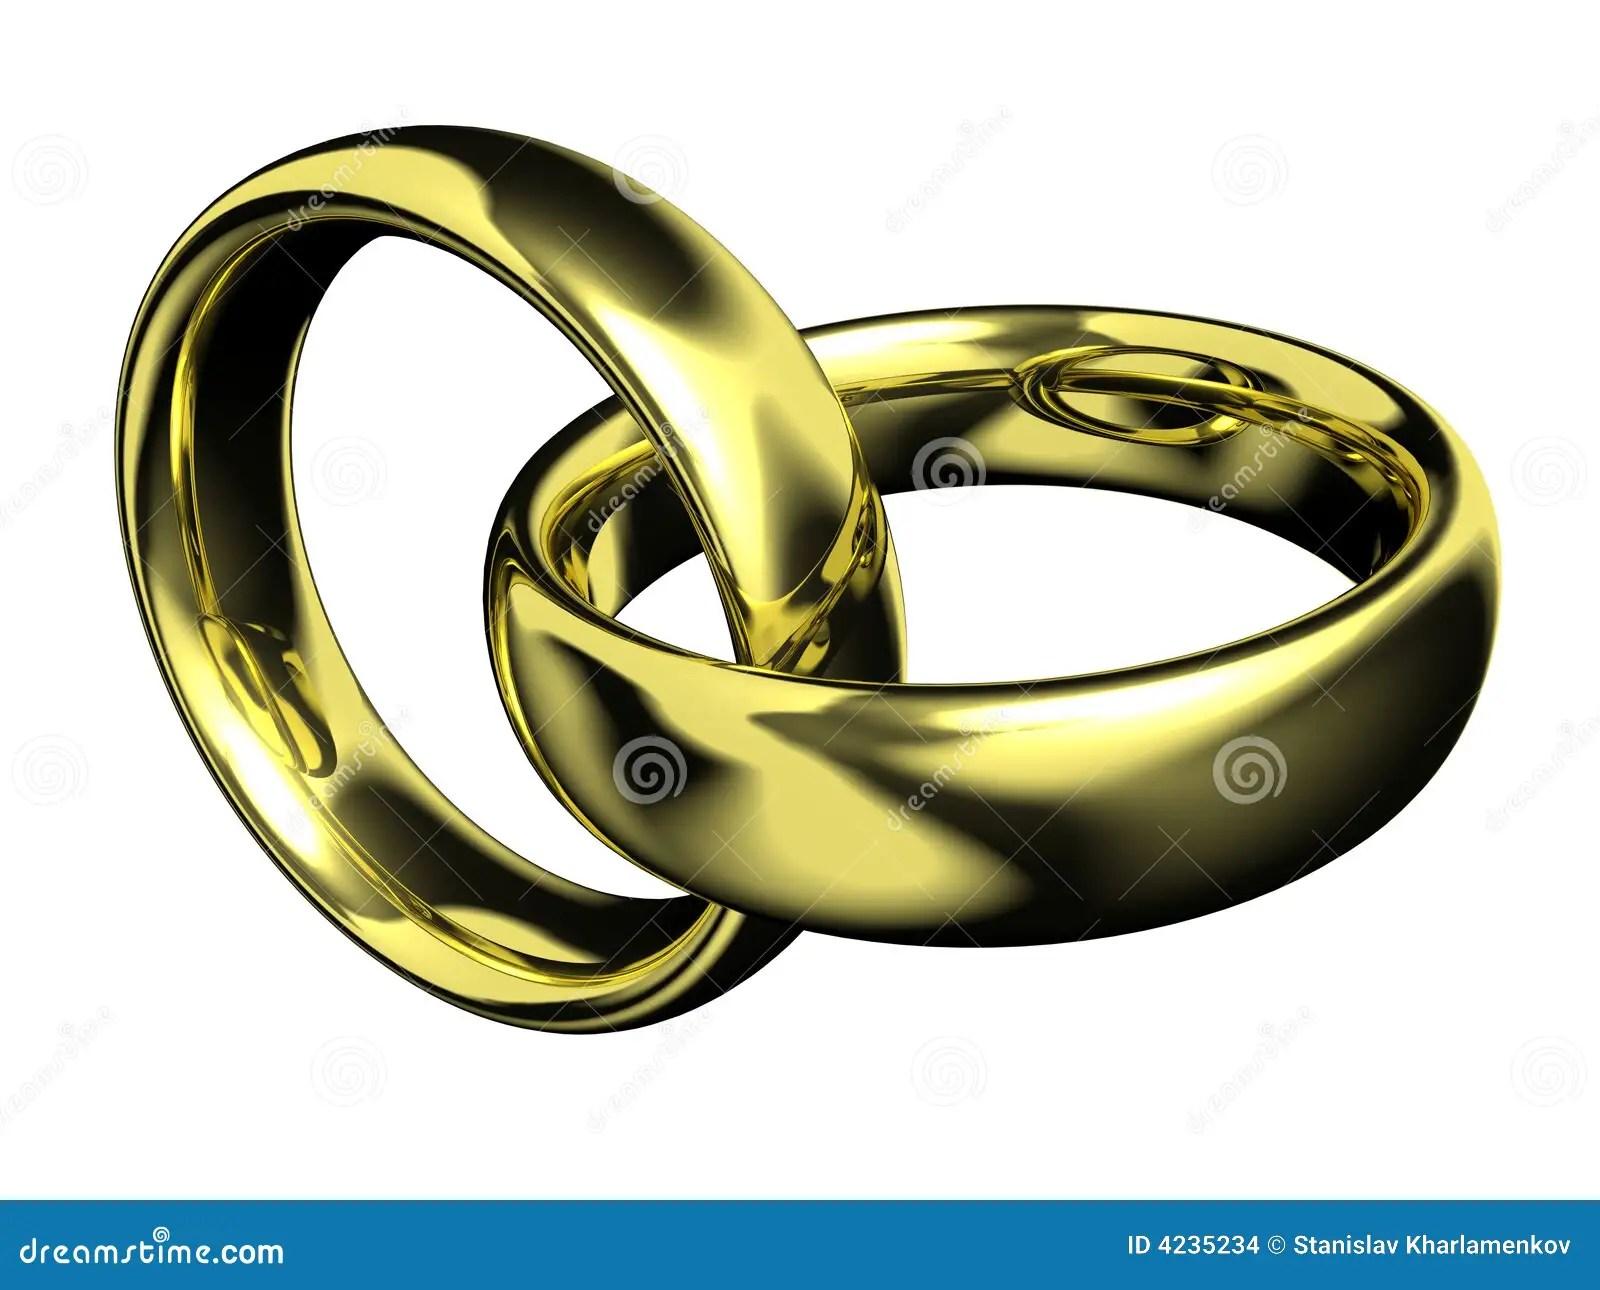 Traumdeutung Goldene Ringe